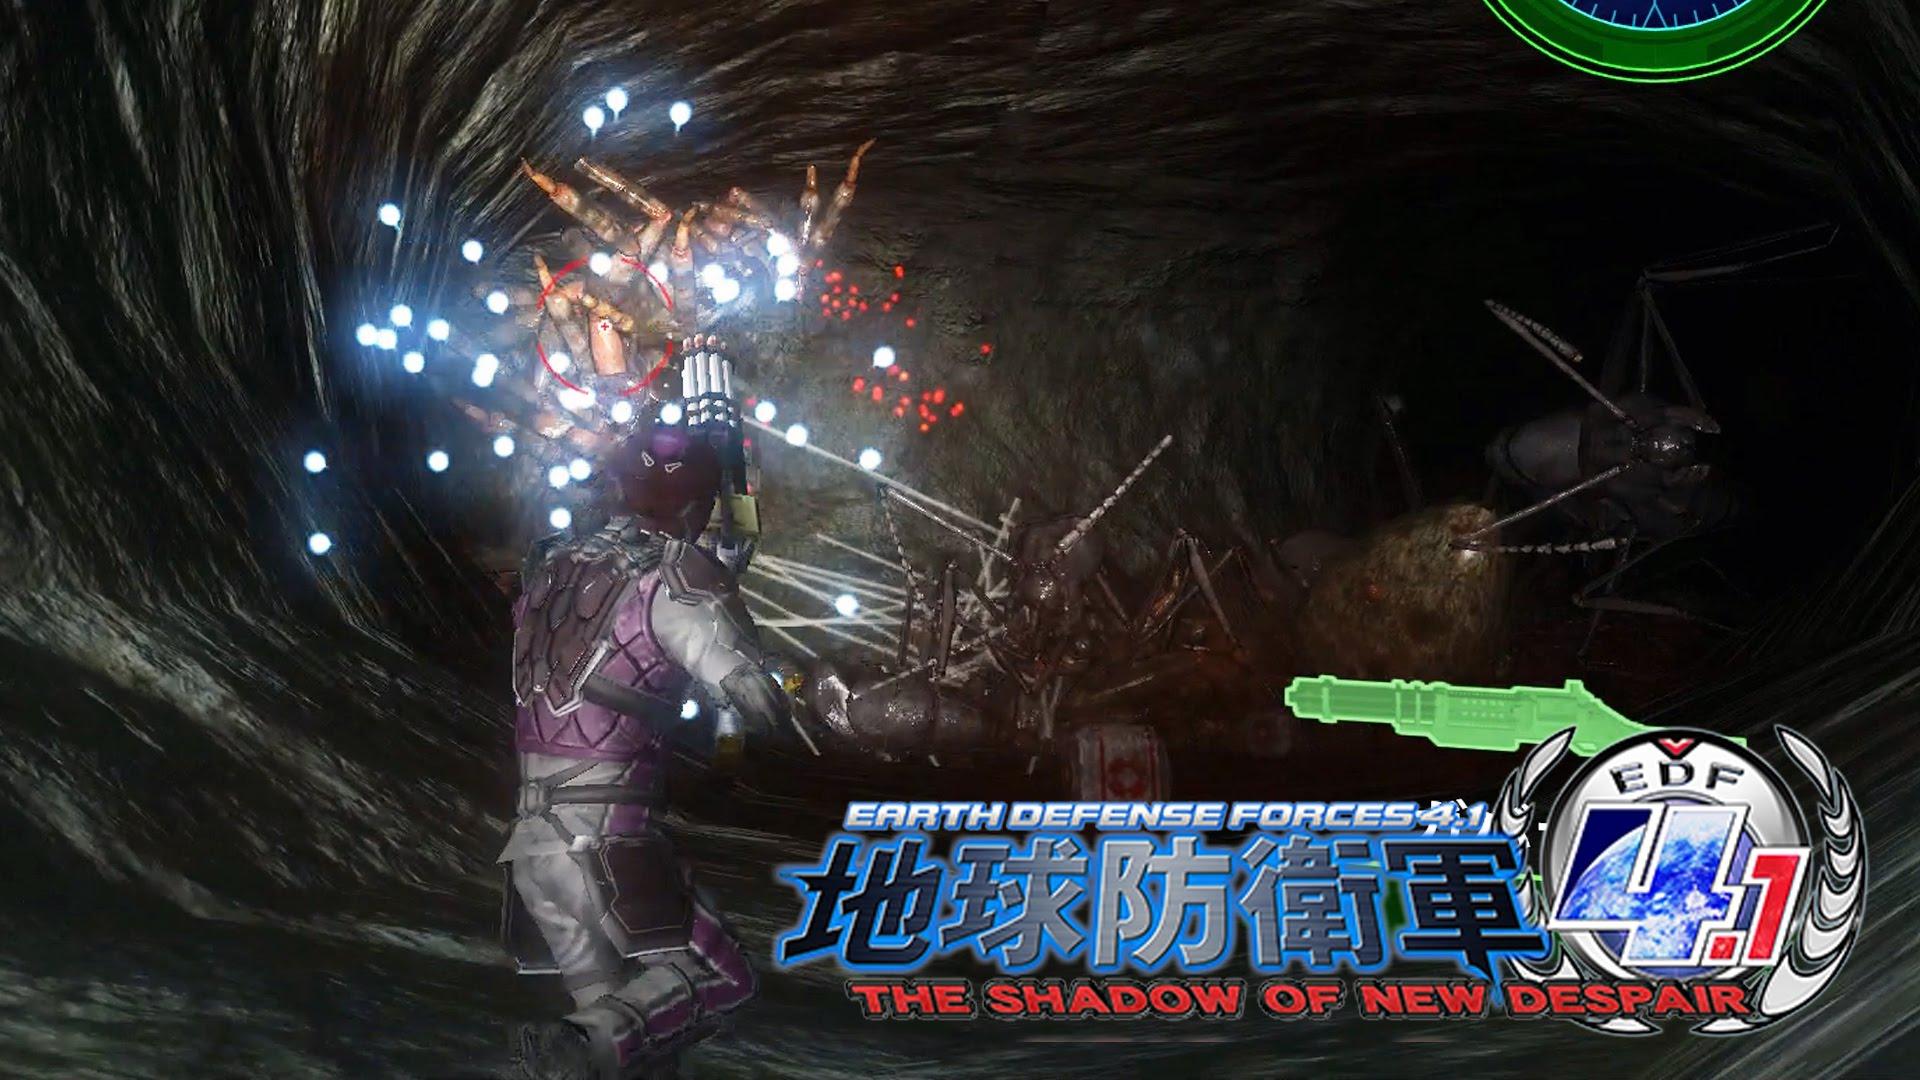 #11 [PC版] 地球防衛軍4.1 THE SHADOW OF NEW DESPAIR:EDF4.1 「地球は我々人類、自らの手で守りぬかなければならないんだ!」